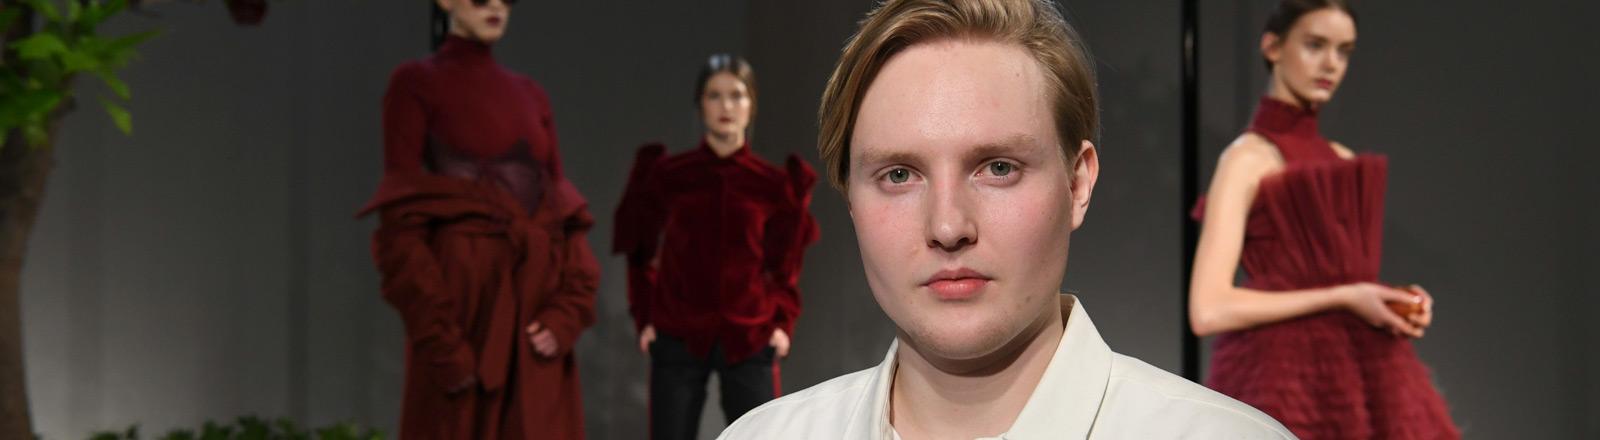 Danny Reinke -  im Hintergrund sieht man Models, die von ihm entworfene Kleider tragen.